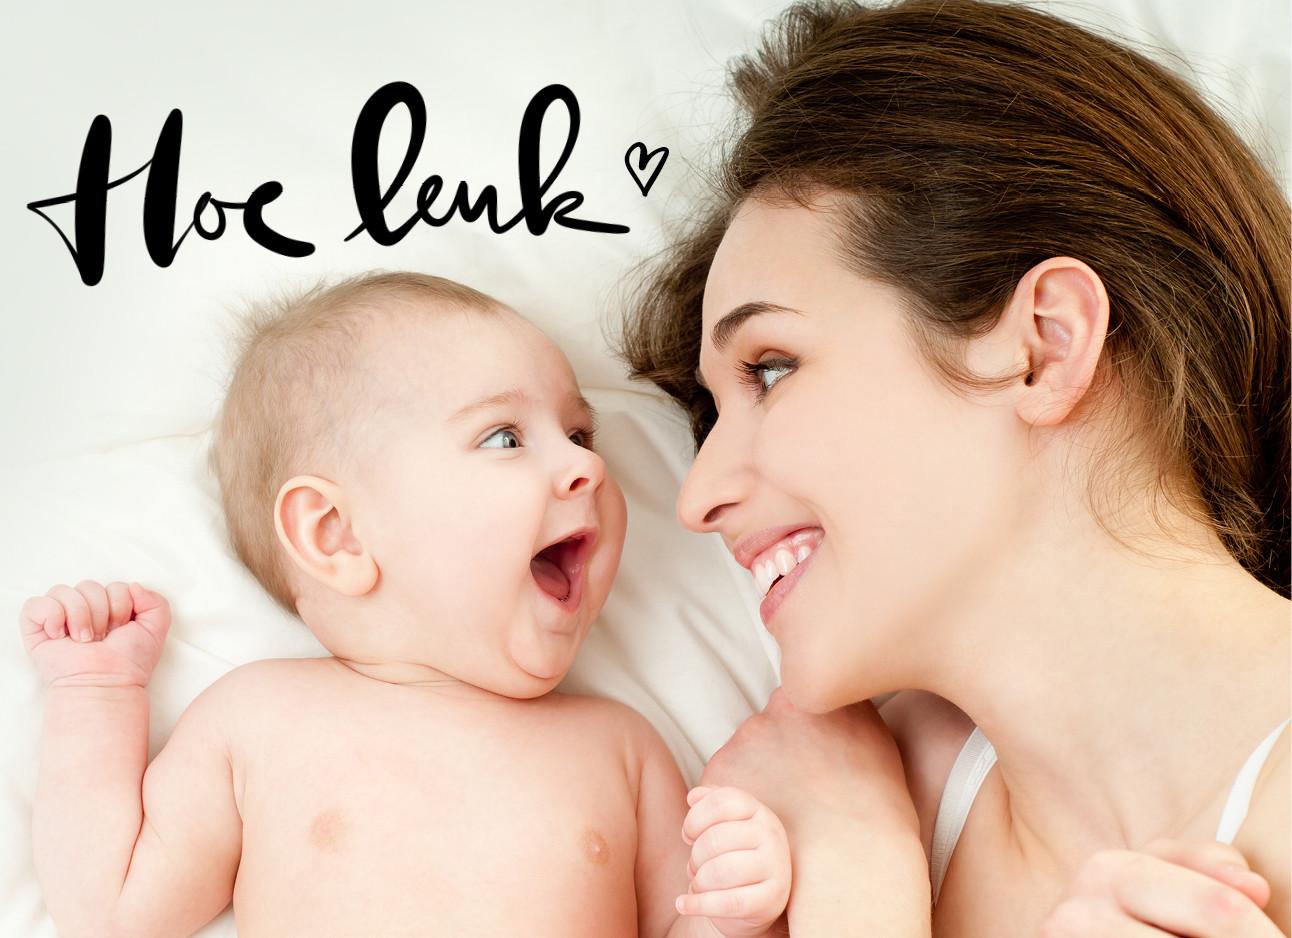 lachende baby ligt met moeder in bed, hoe leuk